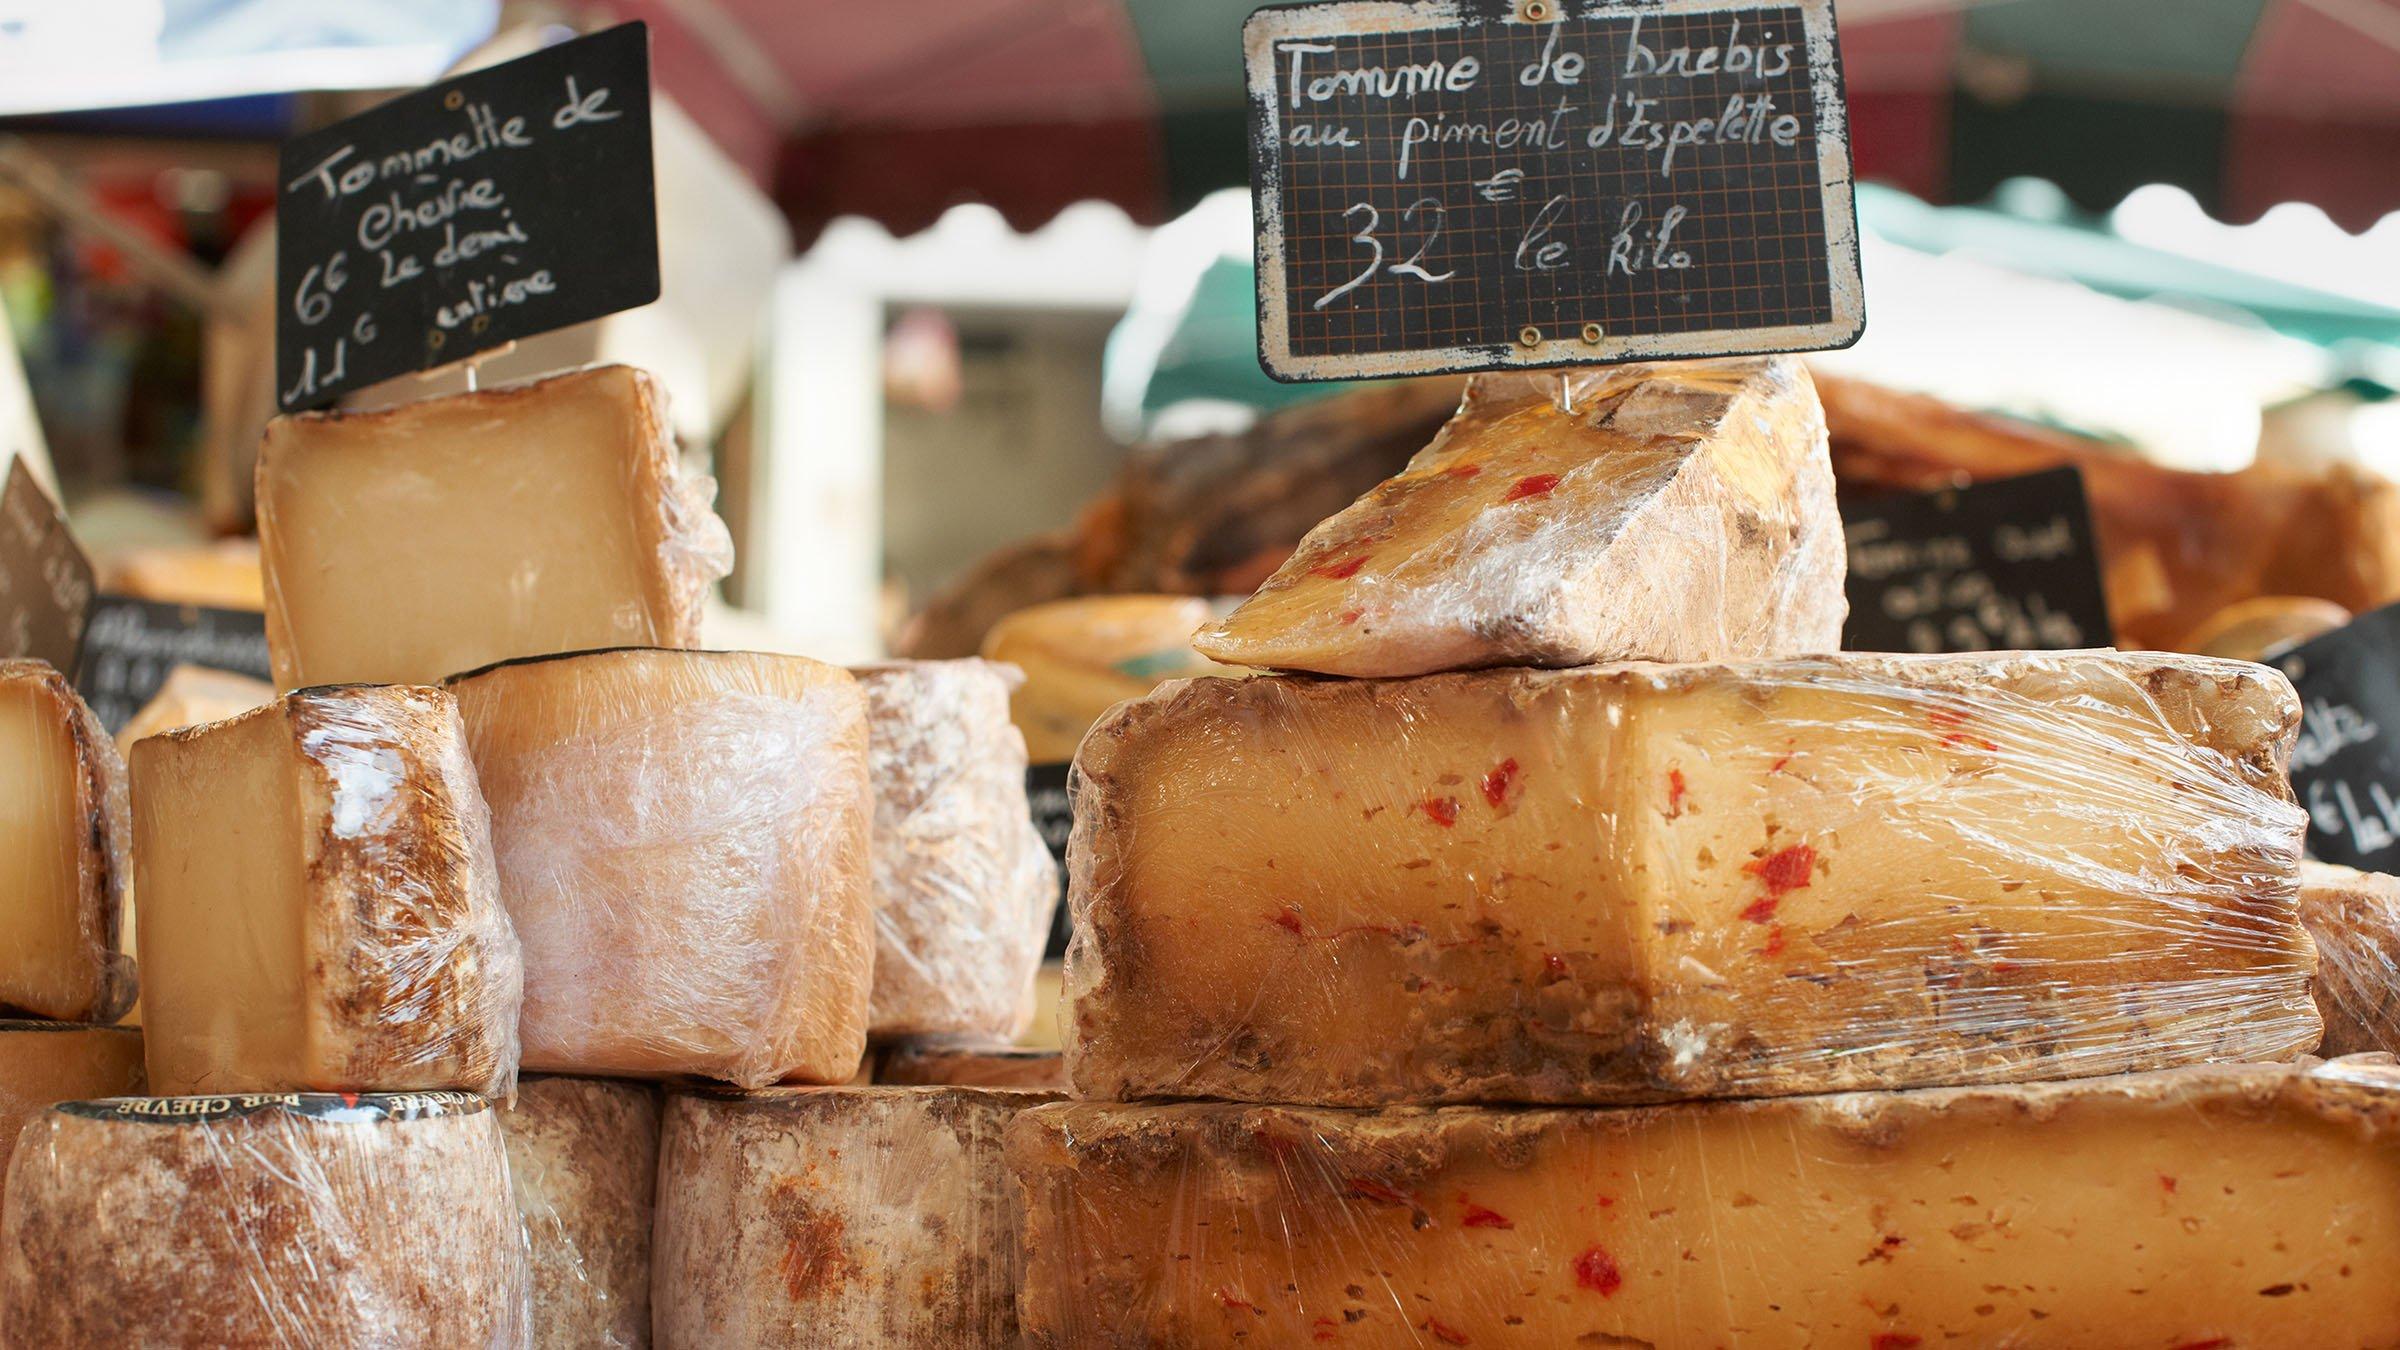 Los quesos t picos de francia for Tipico de francia